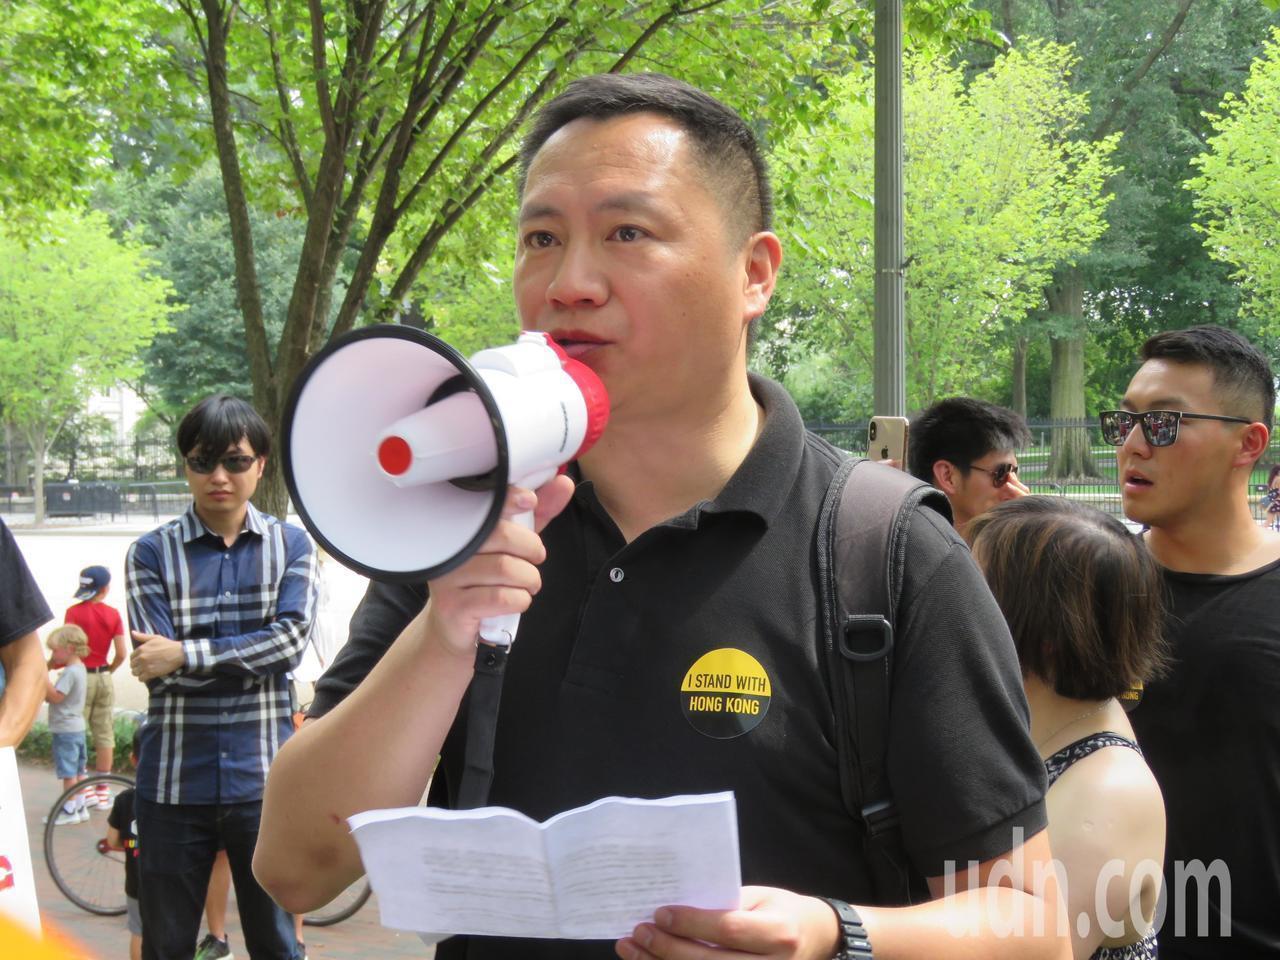 中國大陸民運人士王丹。本報資料照片